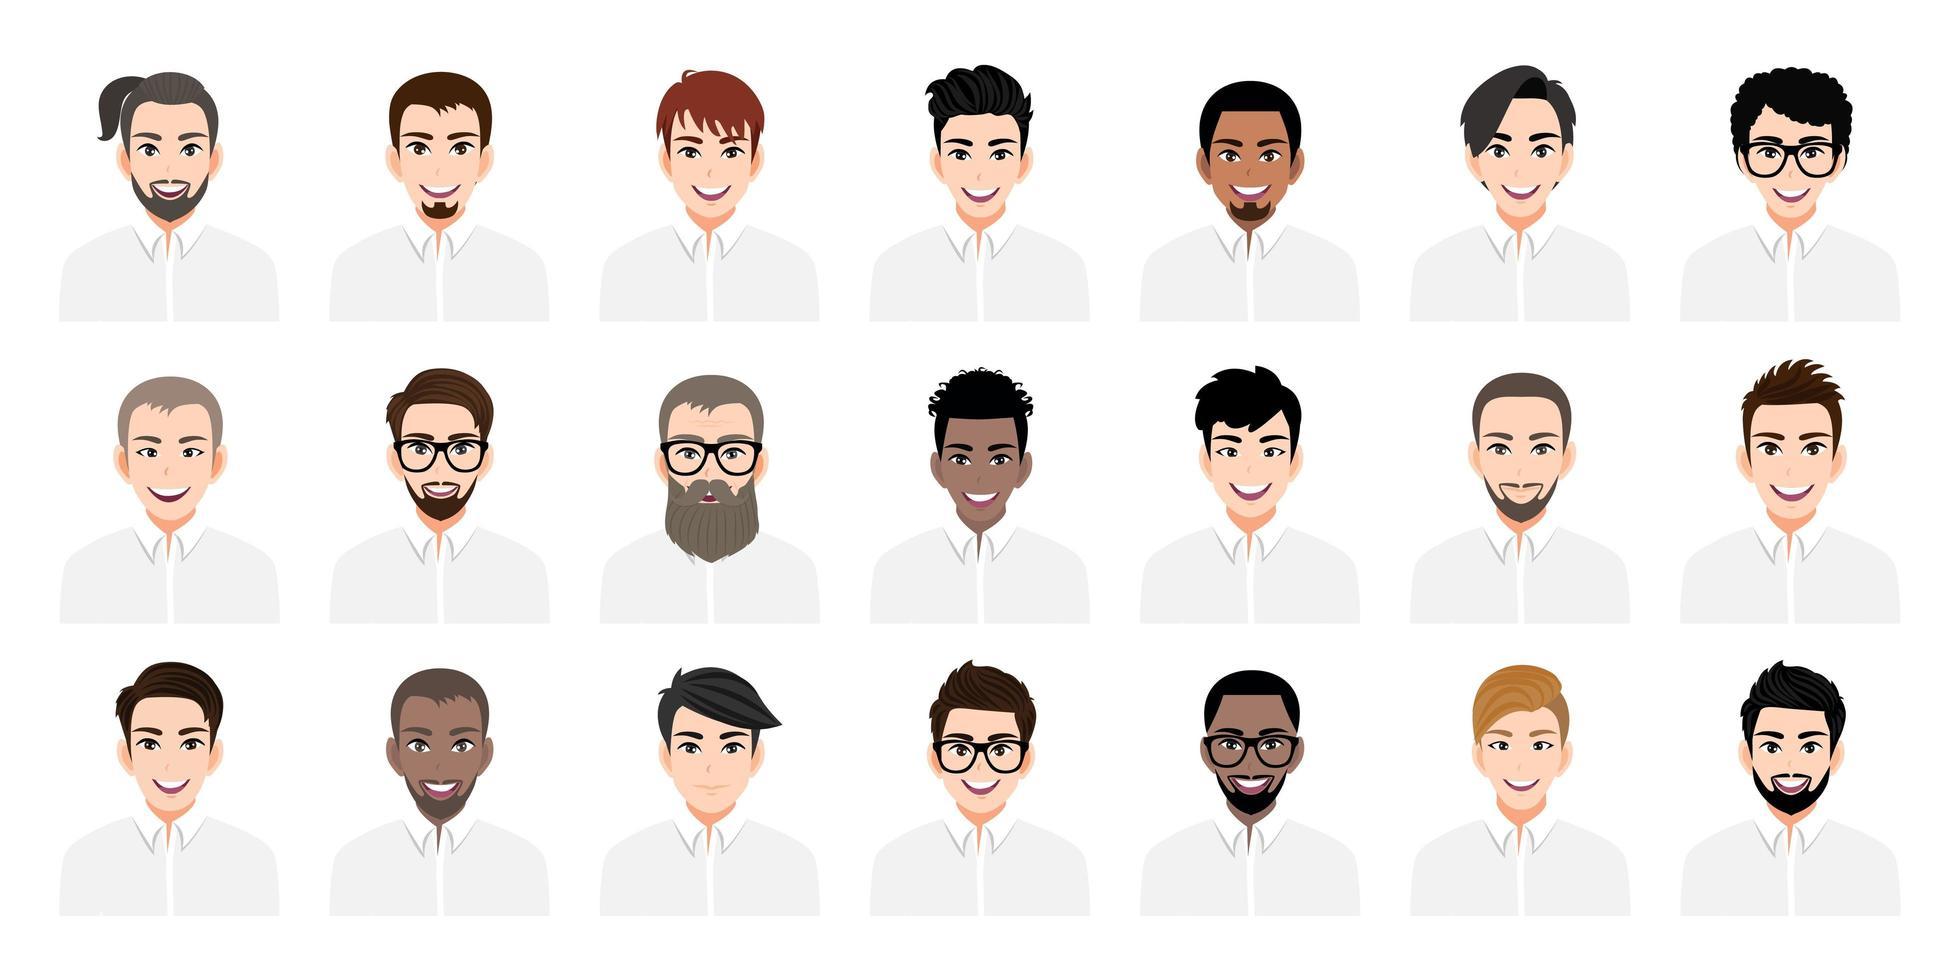 jonge mannen cartoon set met verschillende kapsels vector